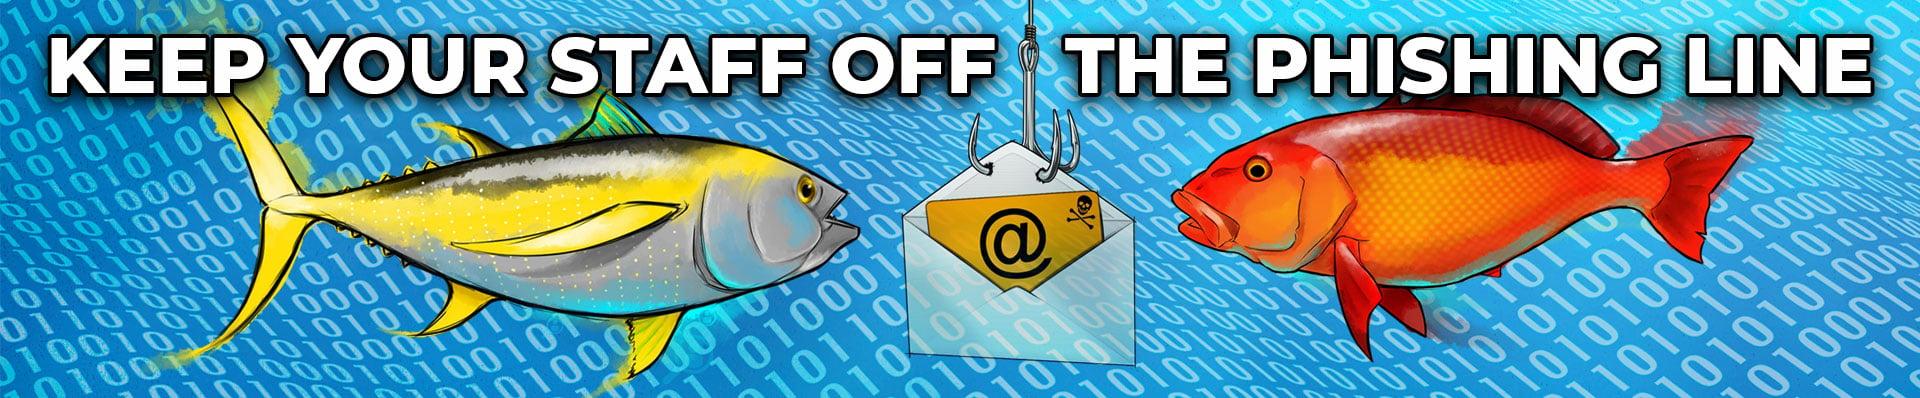 phishing awareness coretech | keep off the phishing line 2020